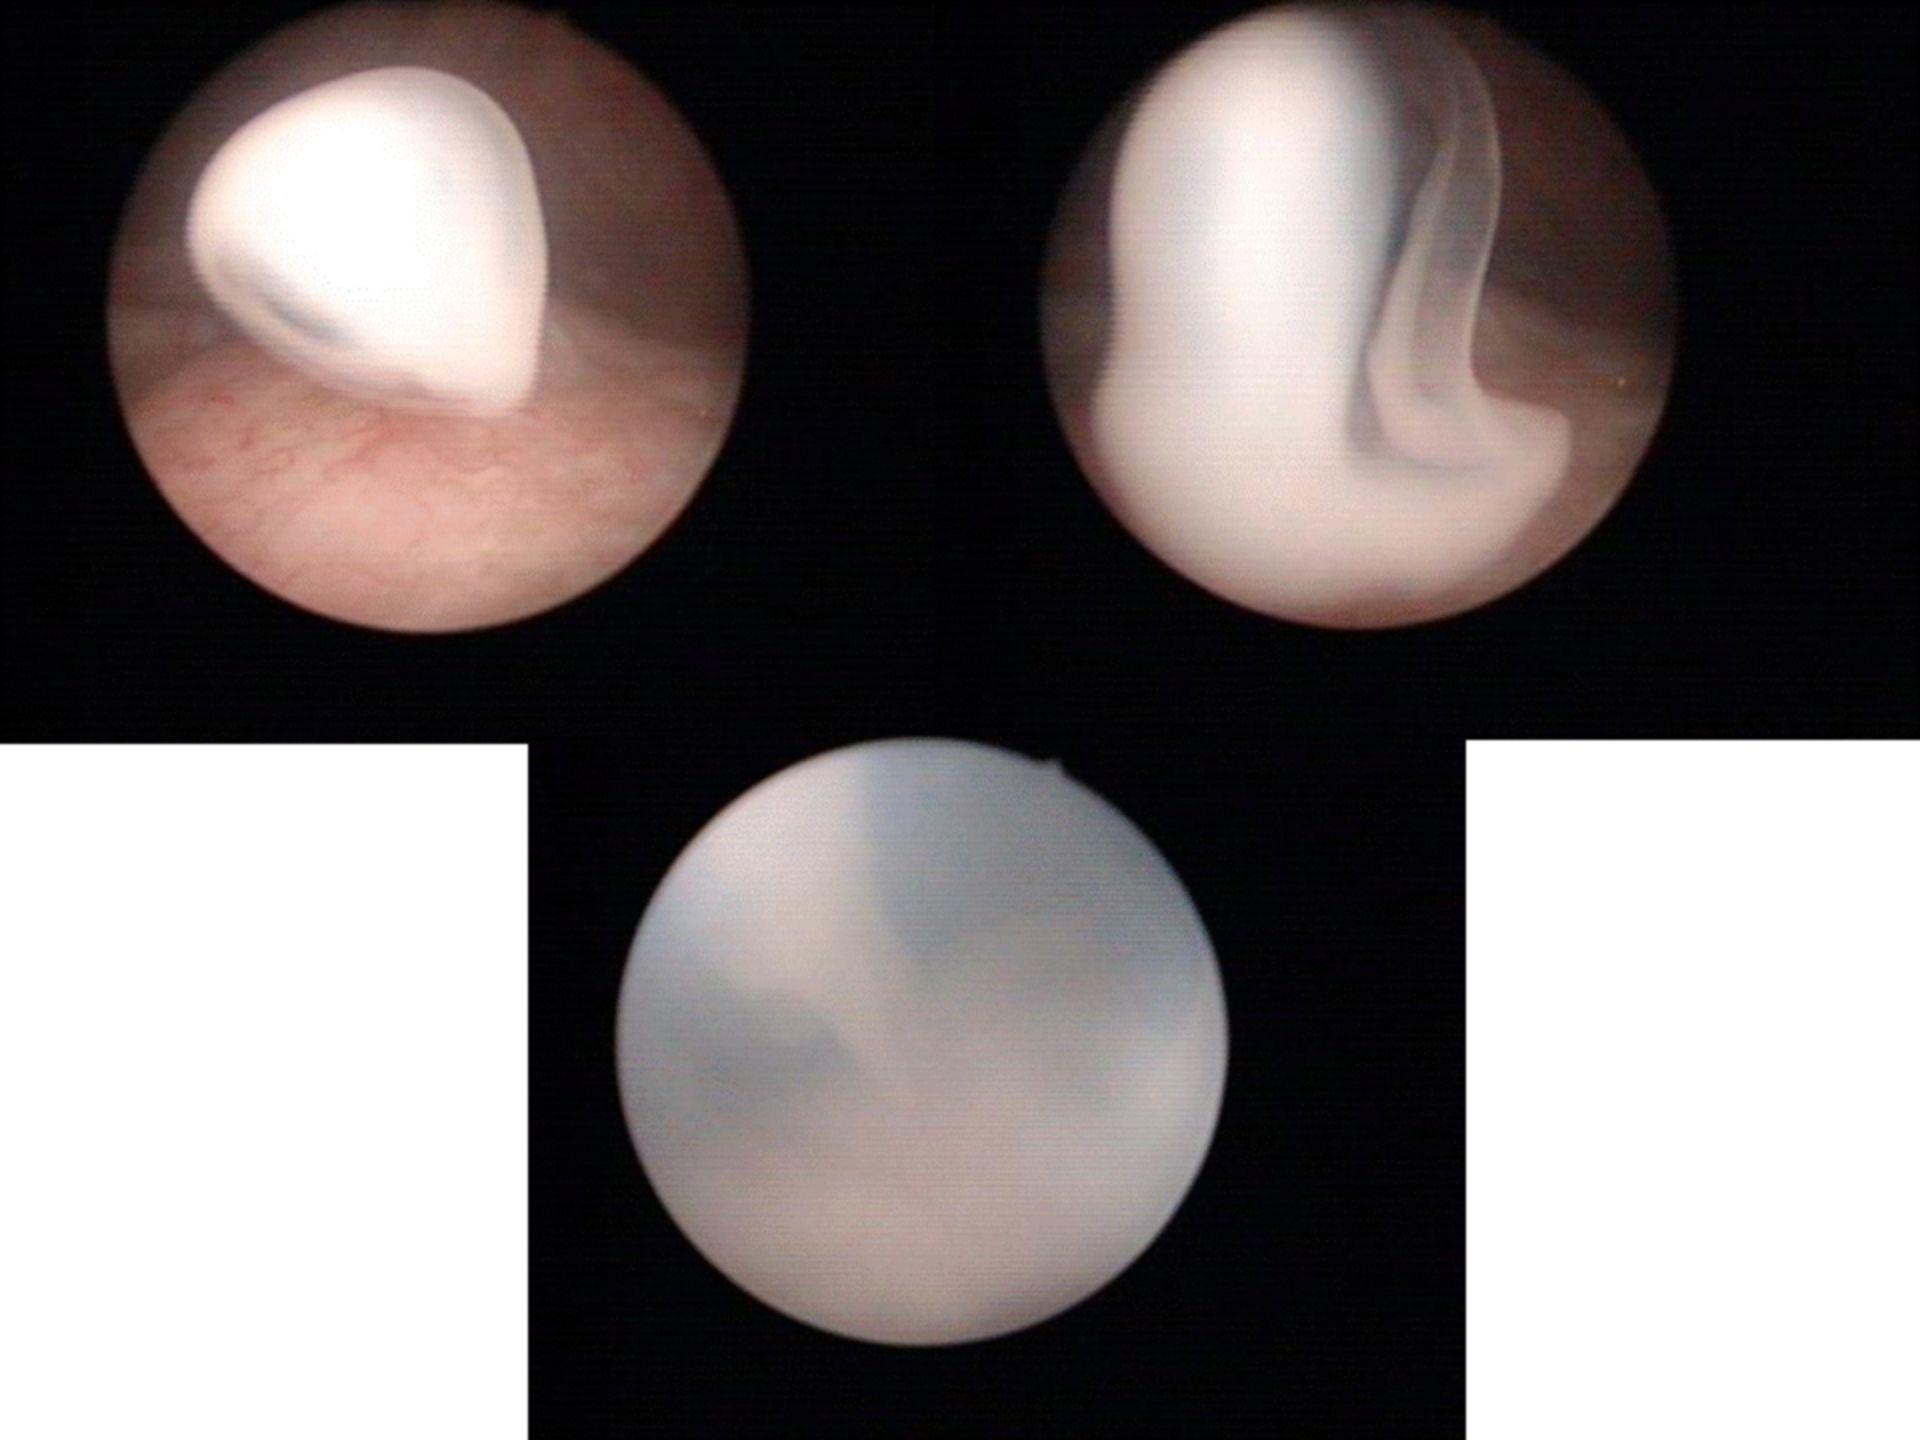 Chiluria dall'uretere sinistro